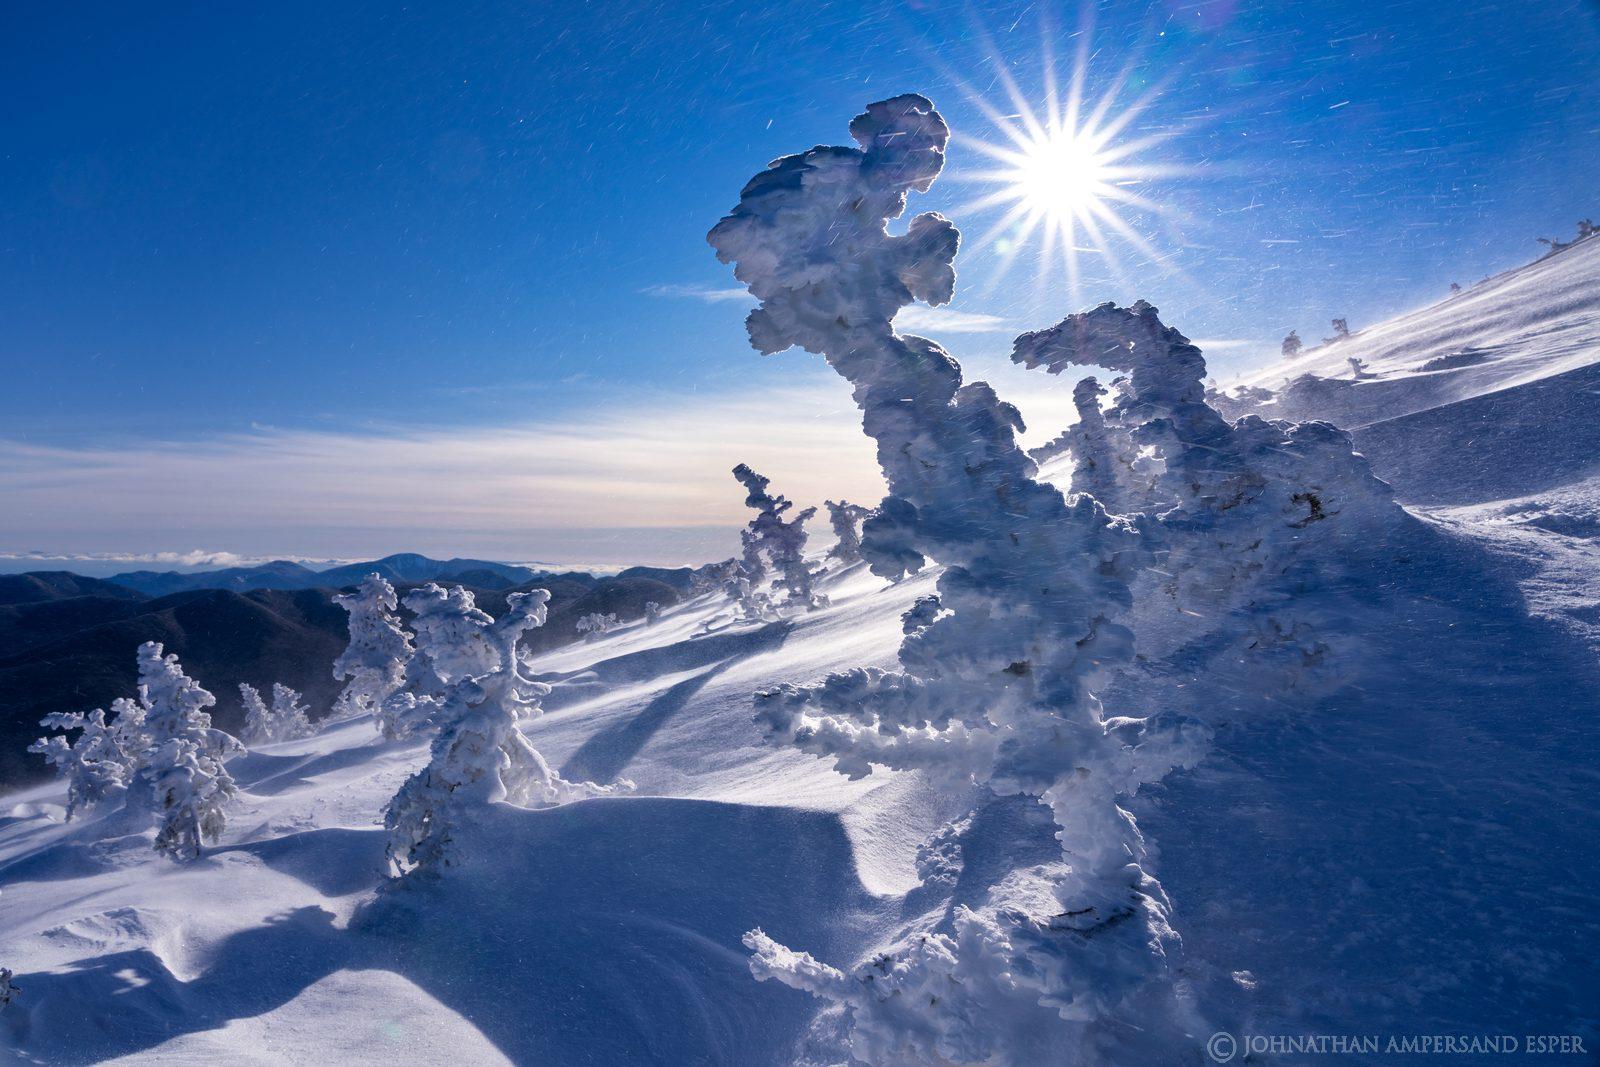 Algonquin Peak,Algonquin,High Peaks,winter 2020,2020,winter,snow,Adirondack Mountains,Adirondacks,